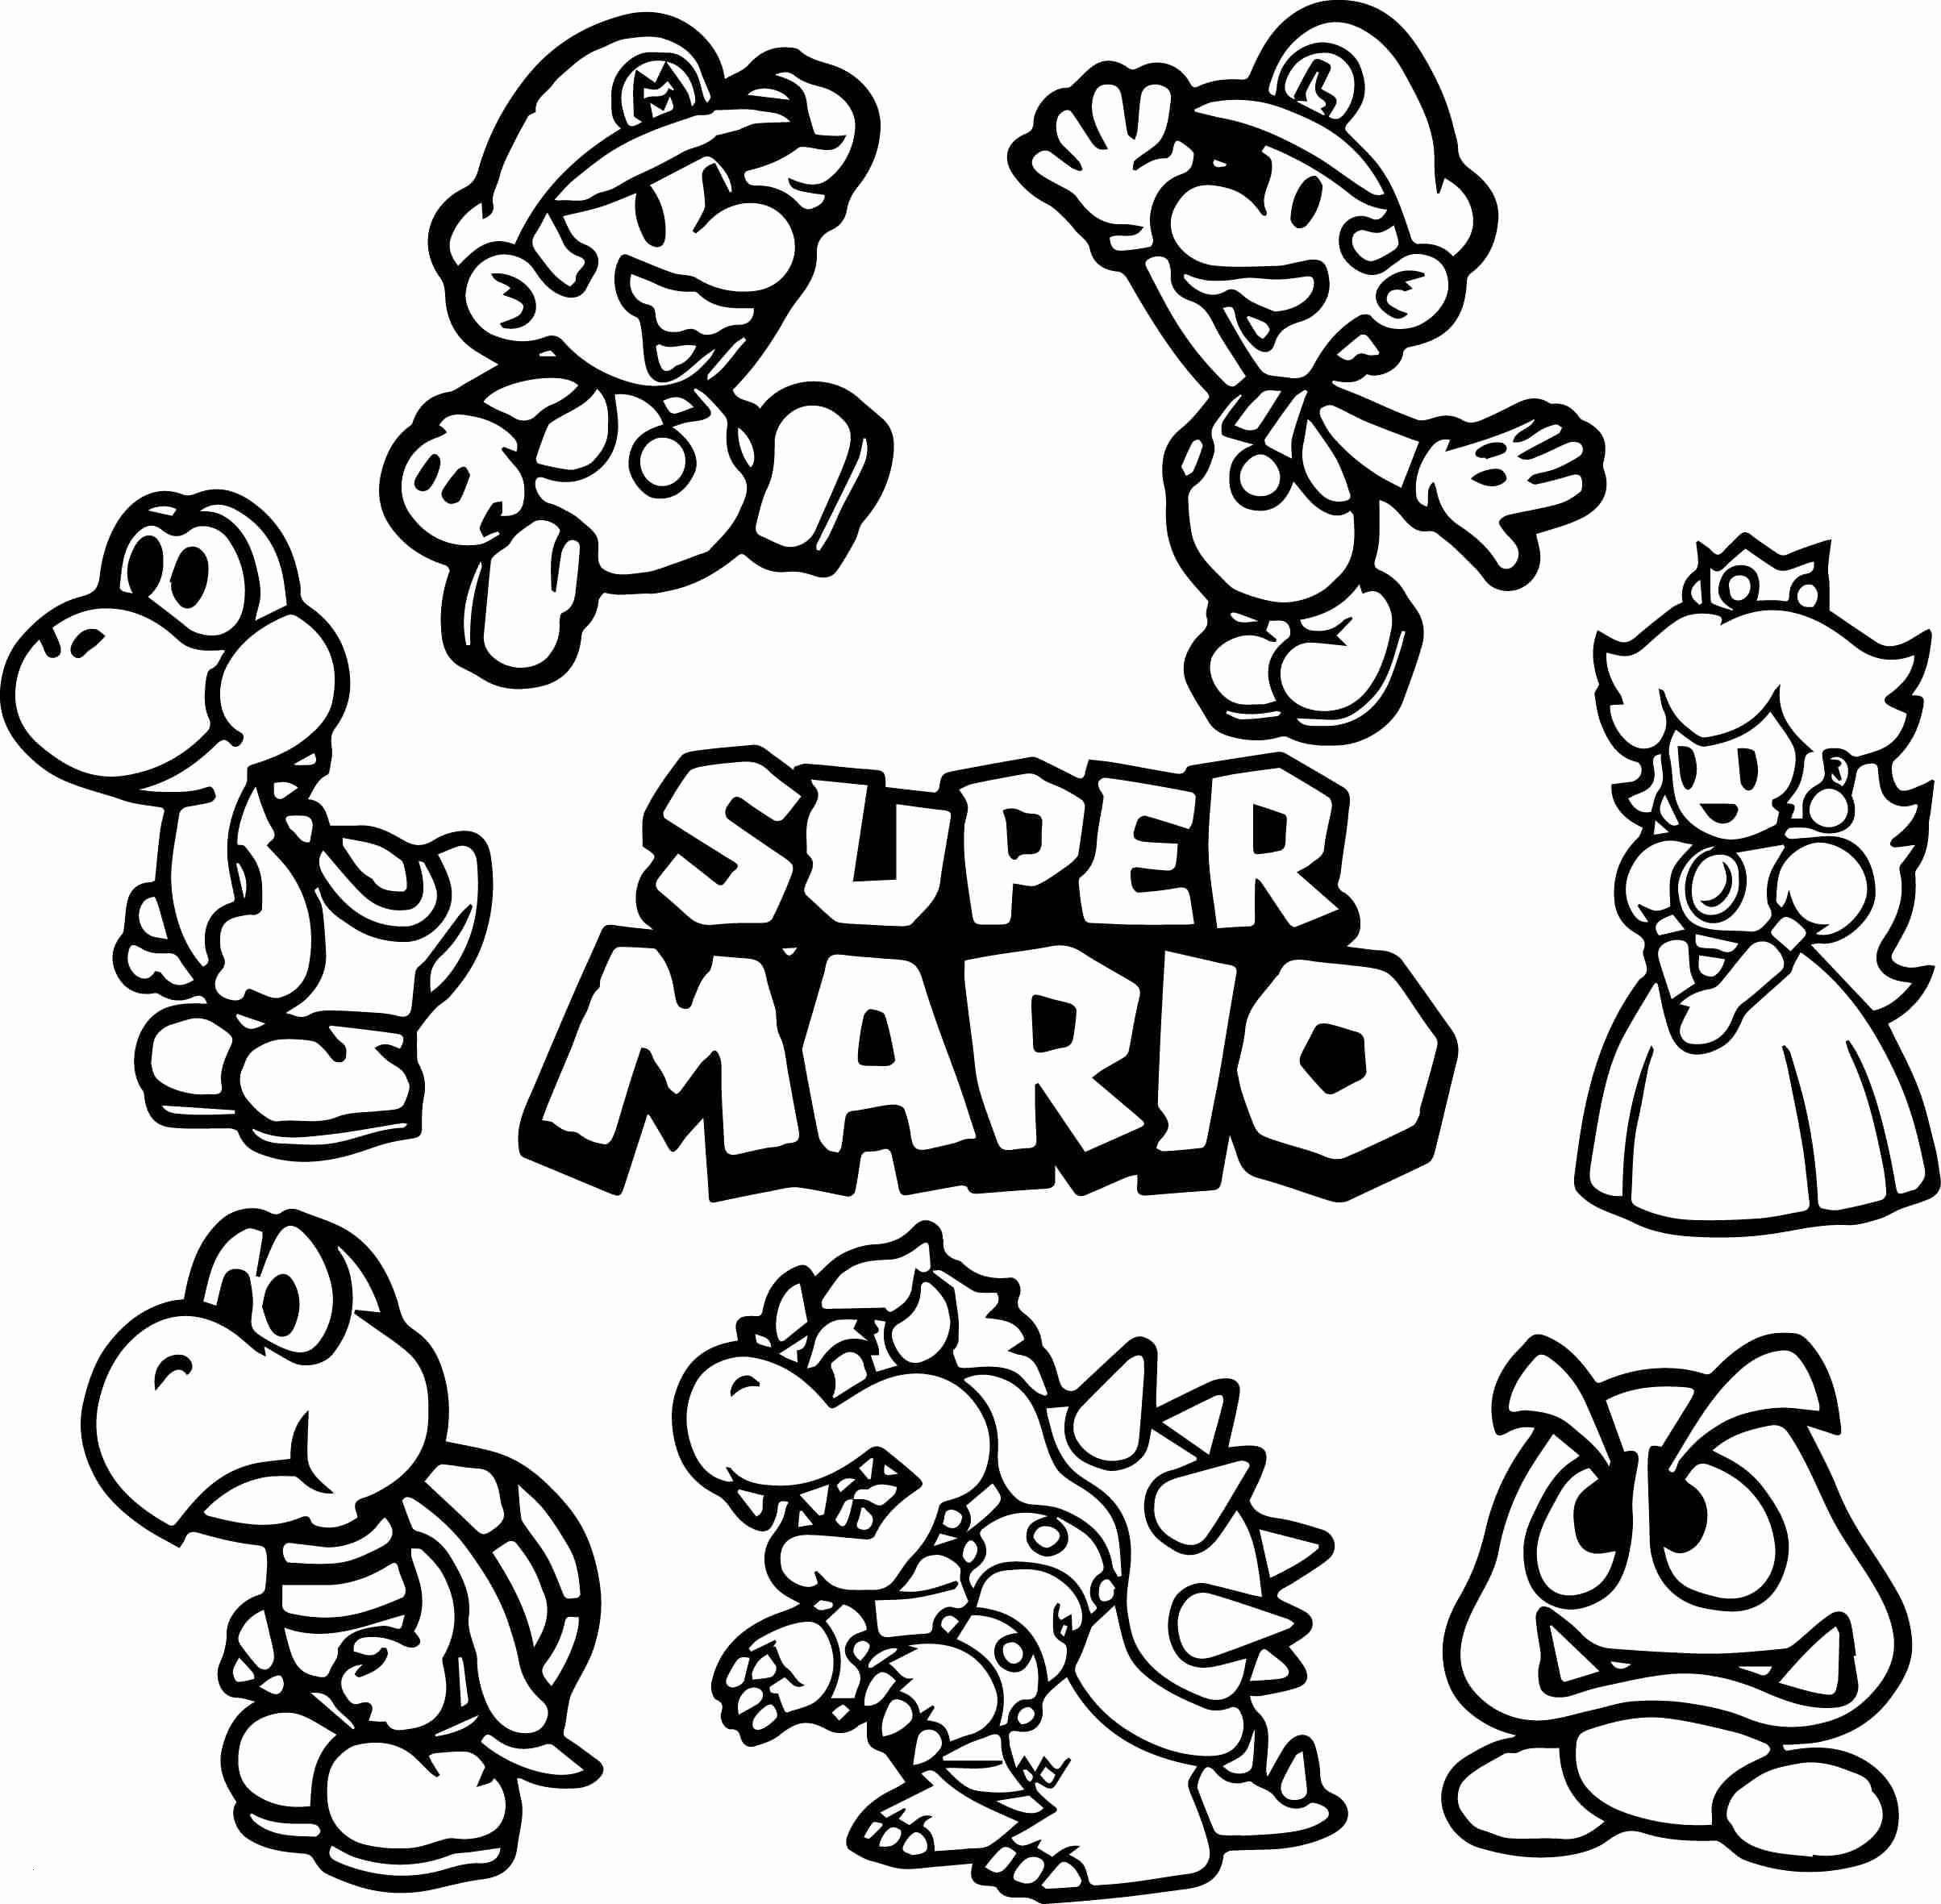 Malvorlage Super Mario Das Beste Von 50 Neu Mario Kart Ausmalbilder Zum Ausdrucken Beste Malvorlage Bilder